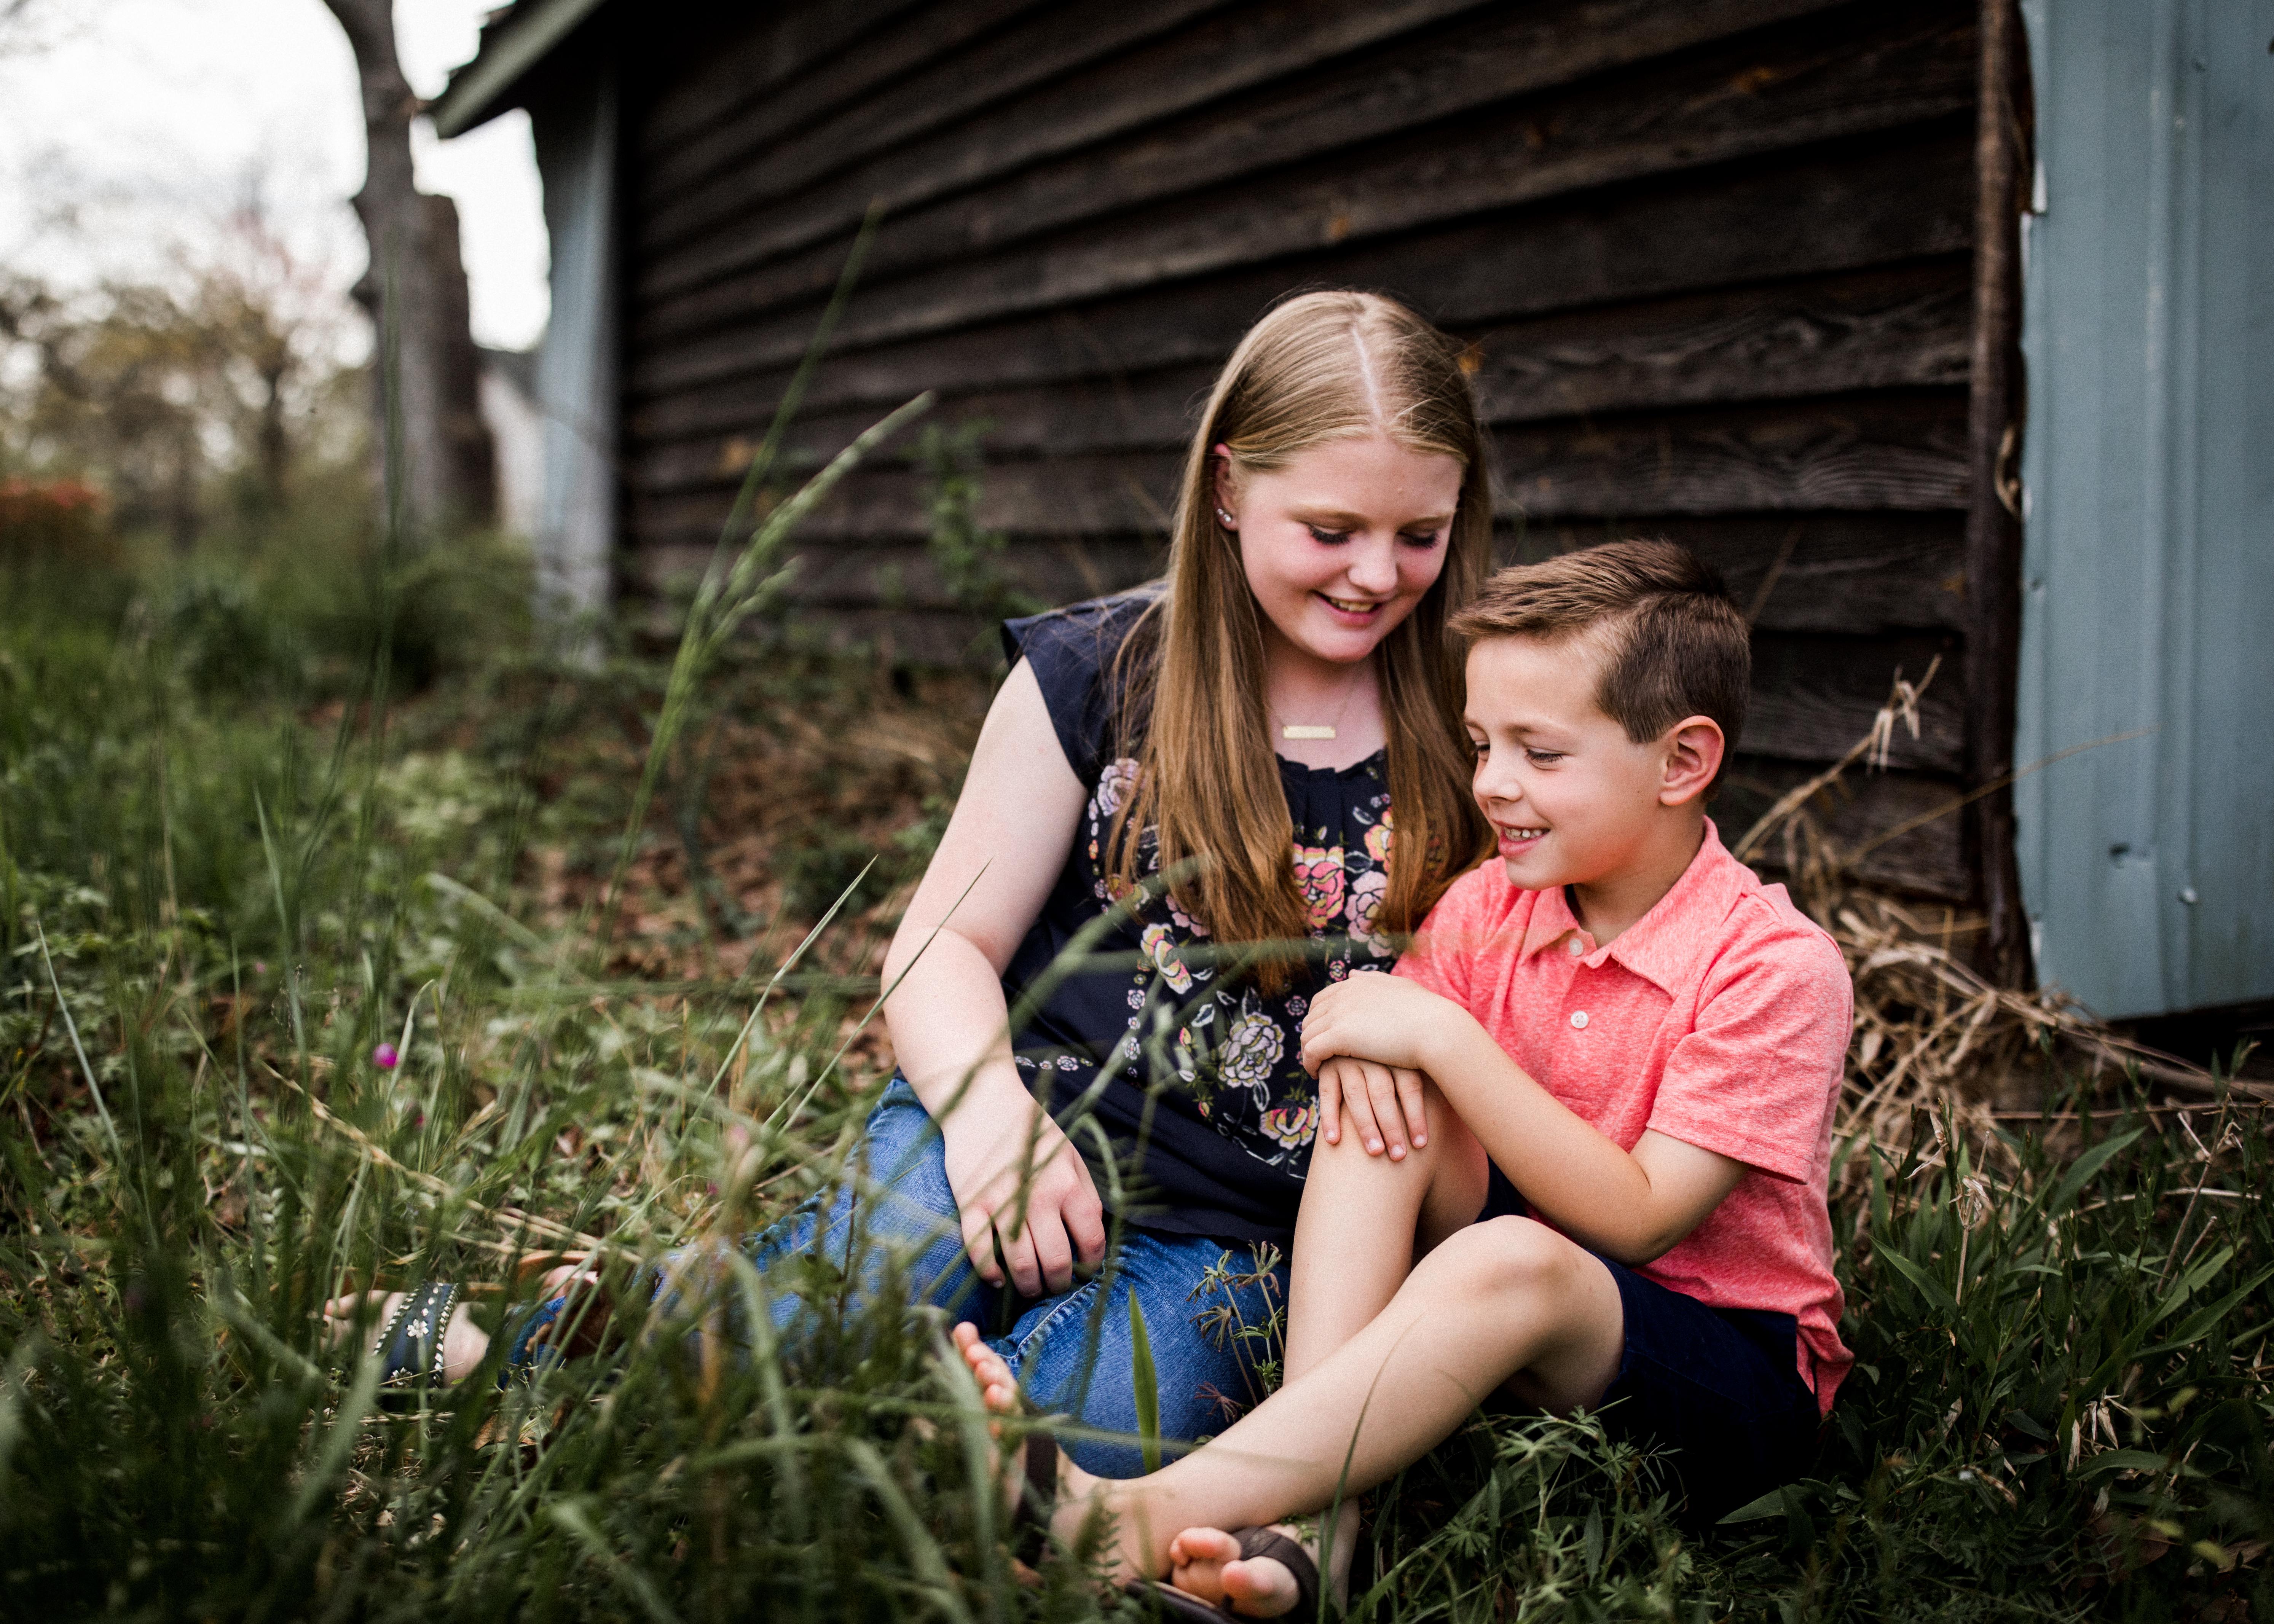 KelseyFarnhamPhotography-www.kelseyfarnham.com-mountainsfieldswoodsfamily-SouthCarolinaGreenville-6